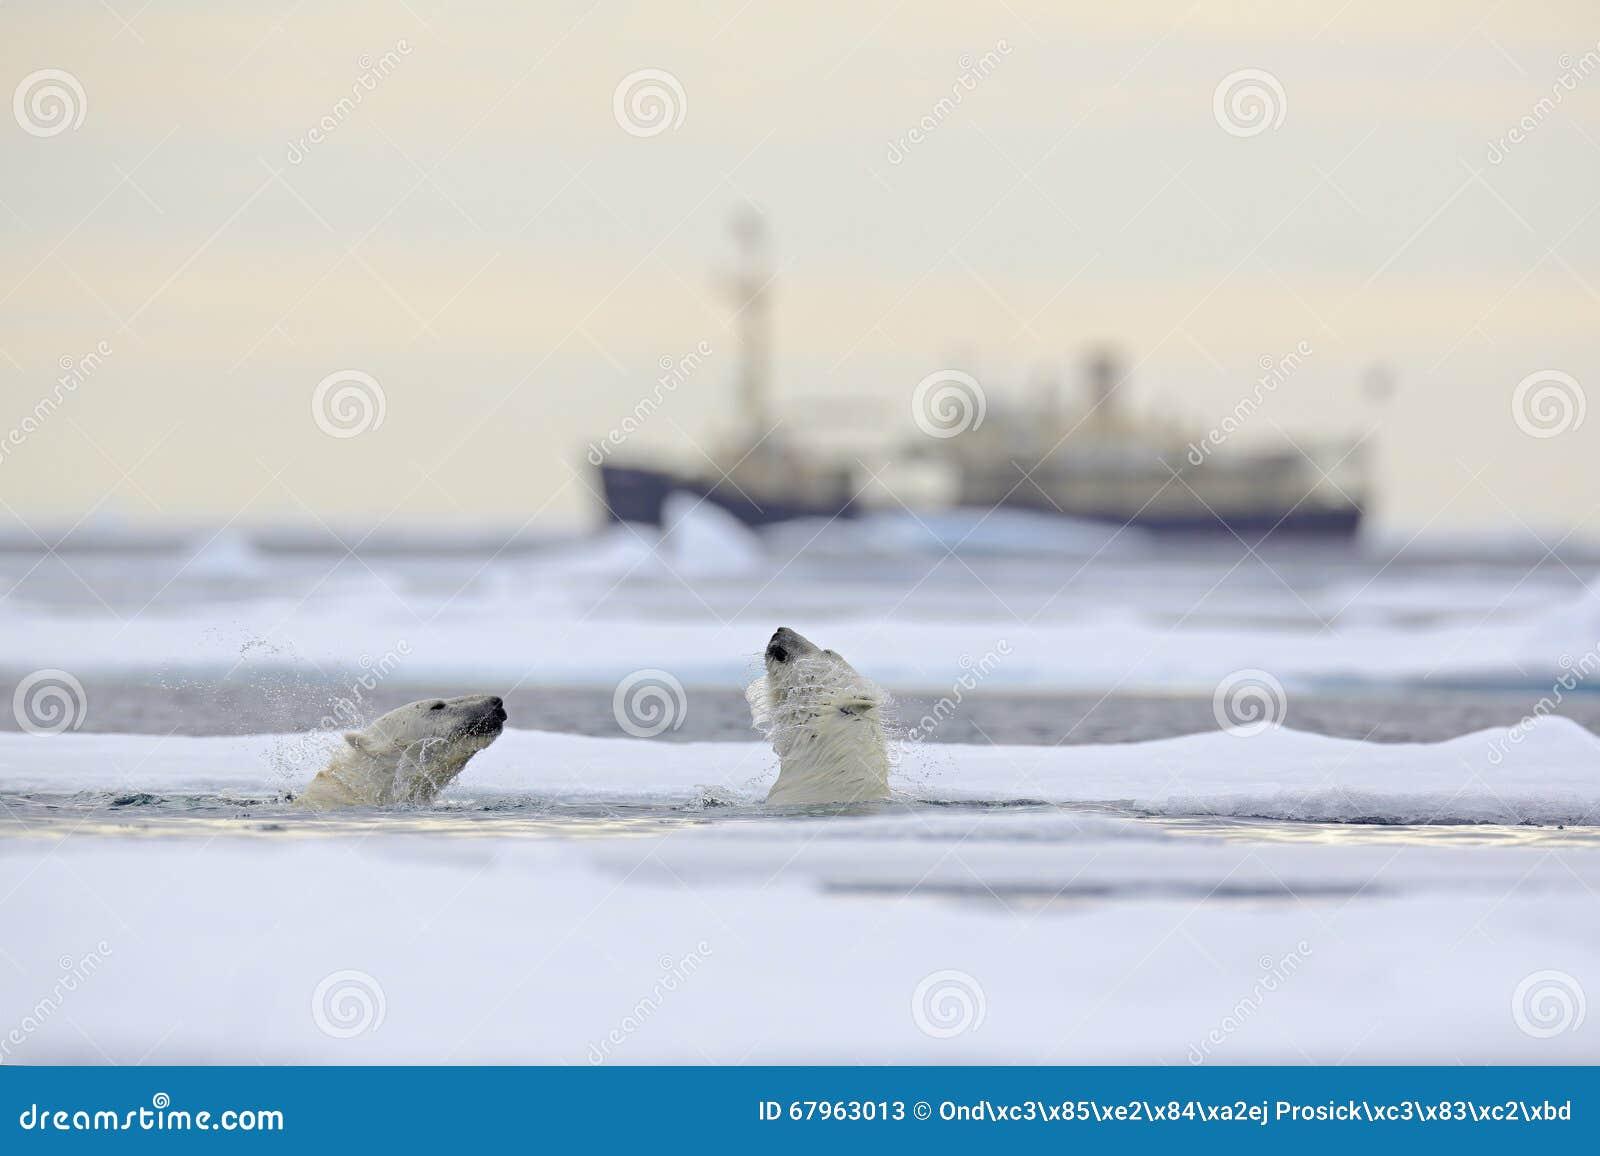 Lucha de osos polares en agua entre el hielo de deriva con la nieve, microprocesador borroso de la travesía en el fondo, Svalbard